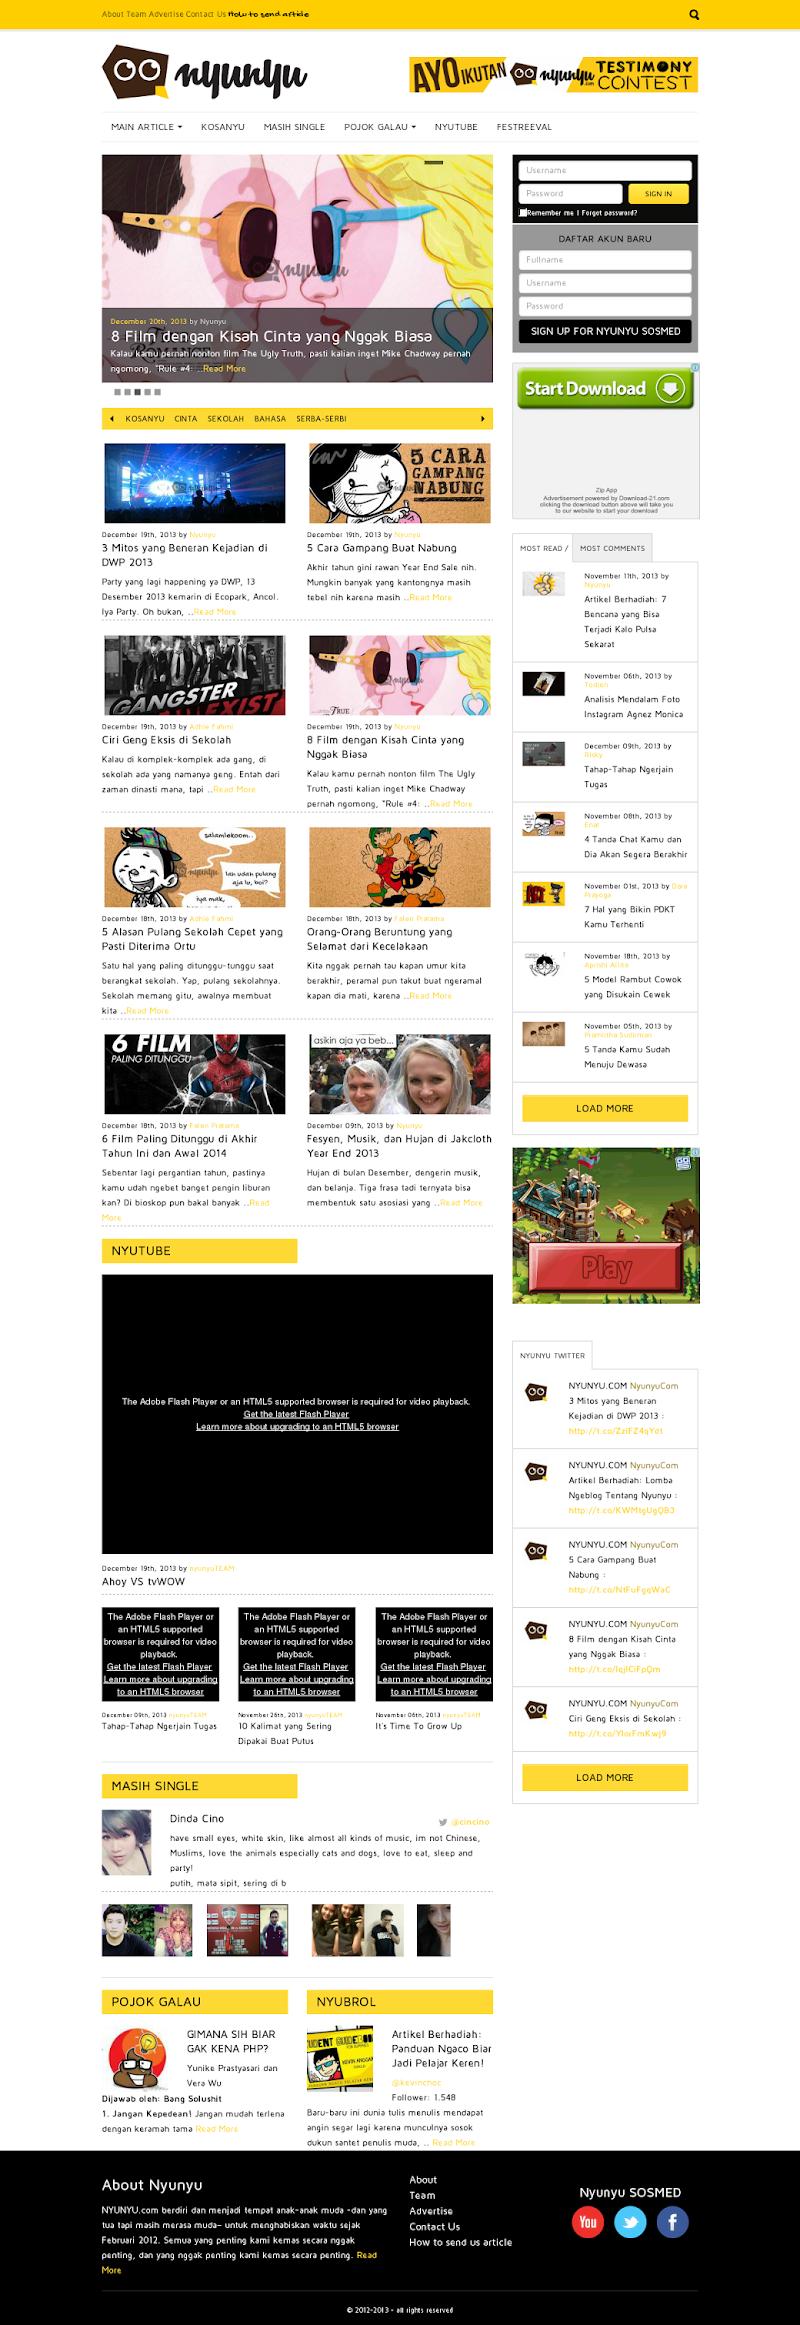 Nyunyu.com - Website Nyeleneh - Yang Penting Nggah Penting